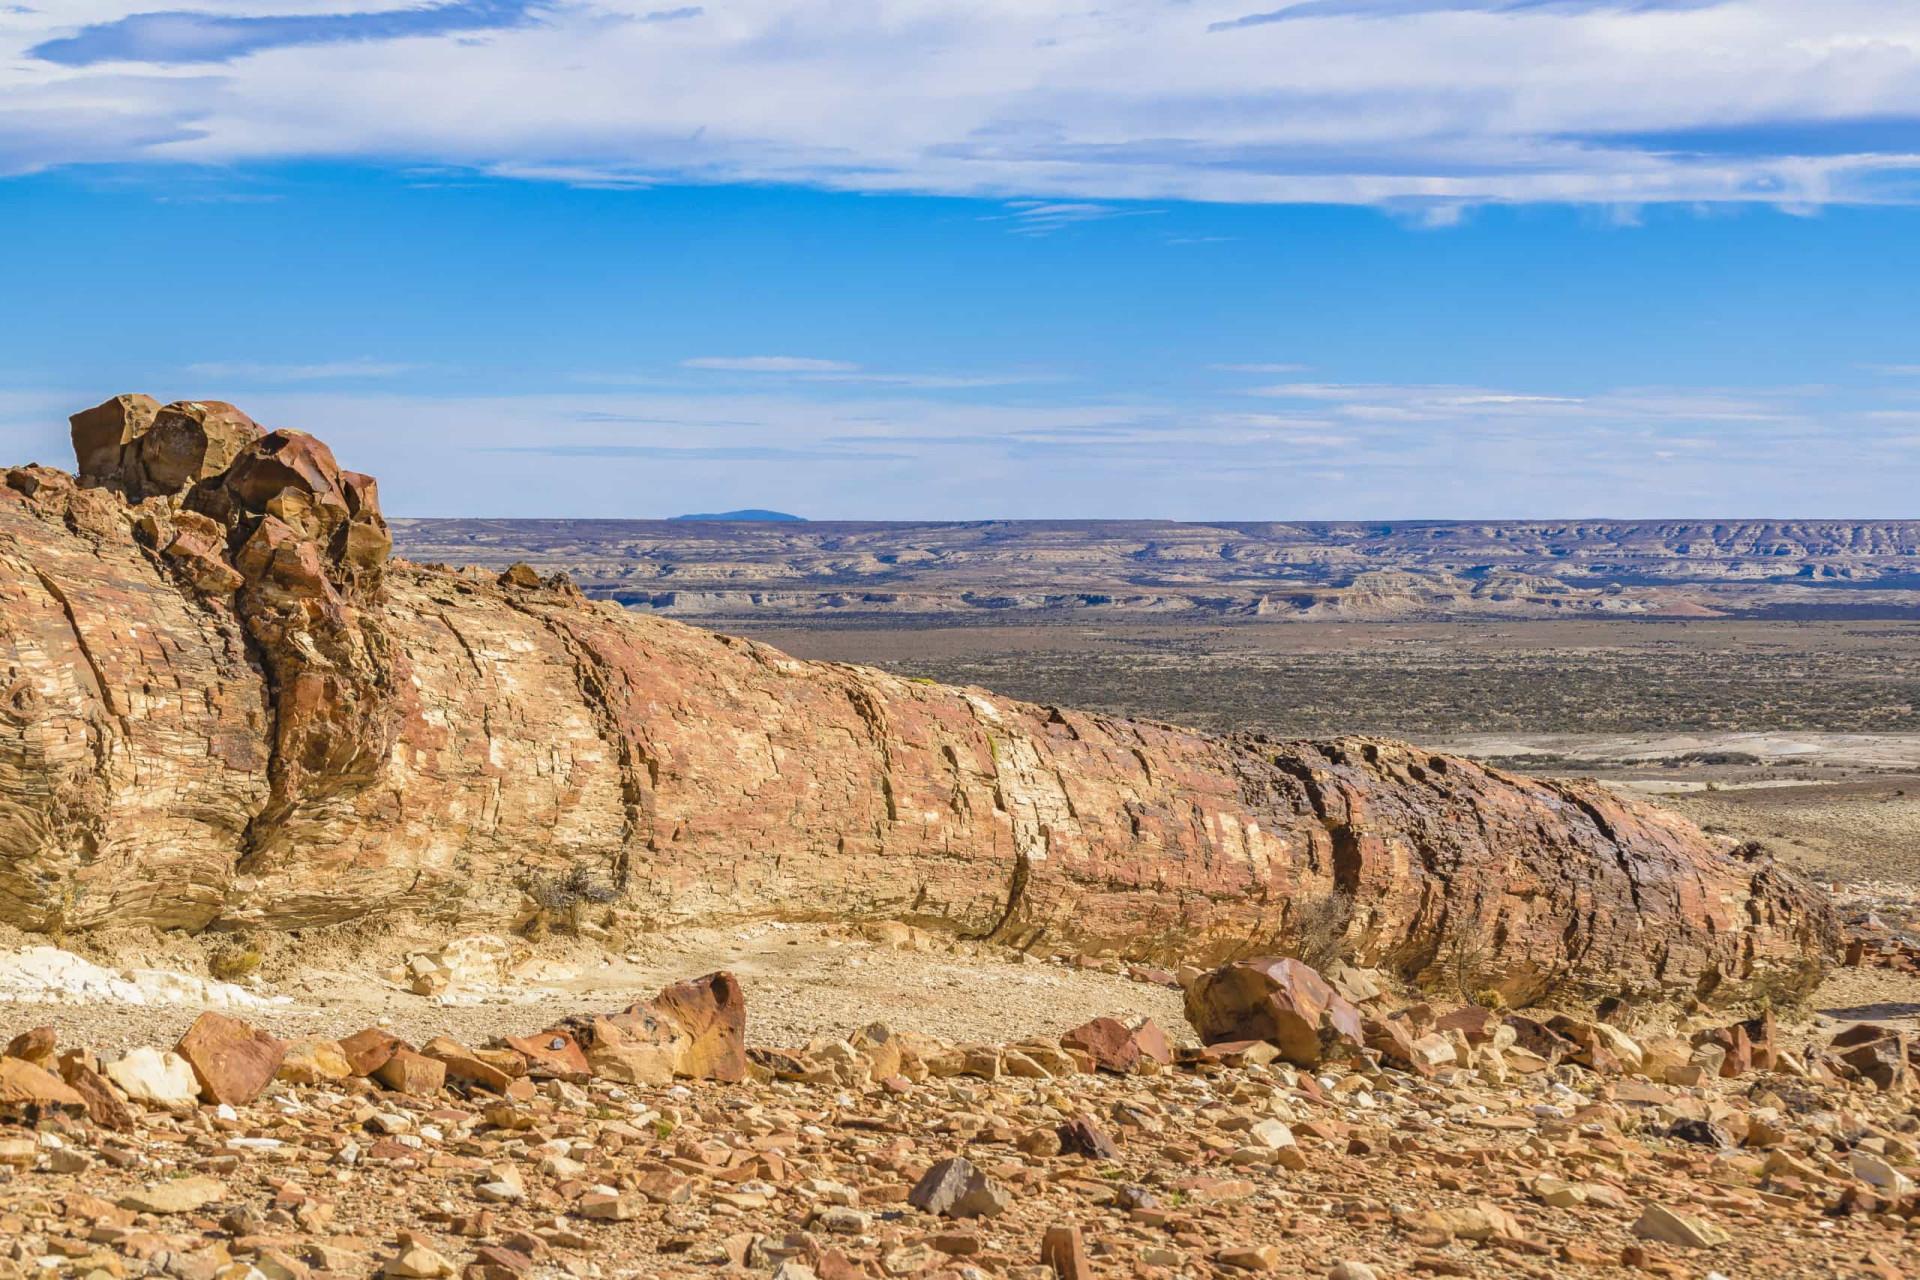 Dejting av stenar och fossil